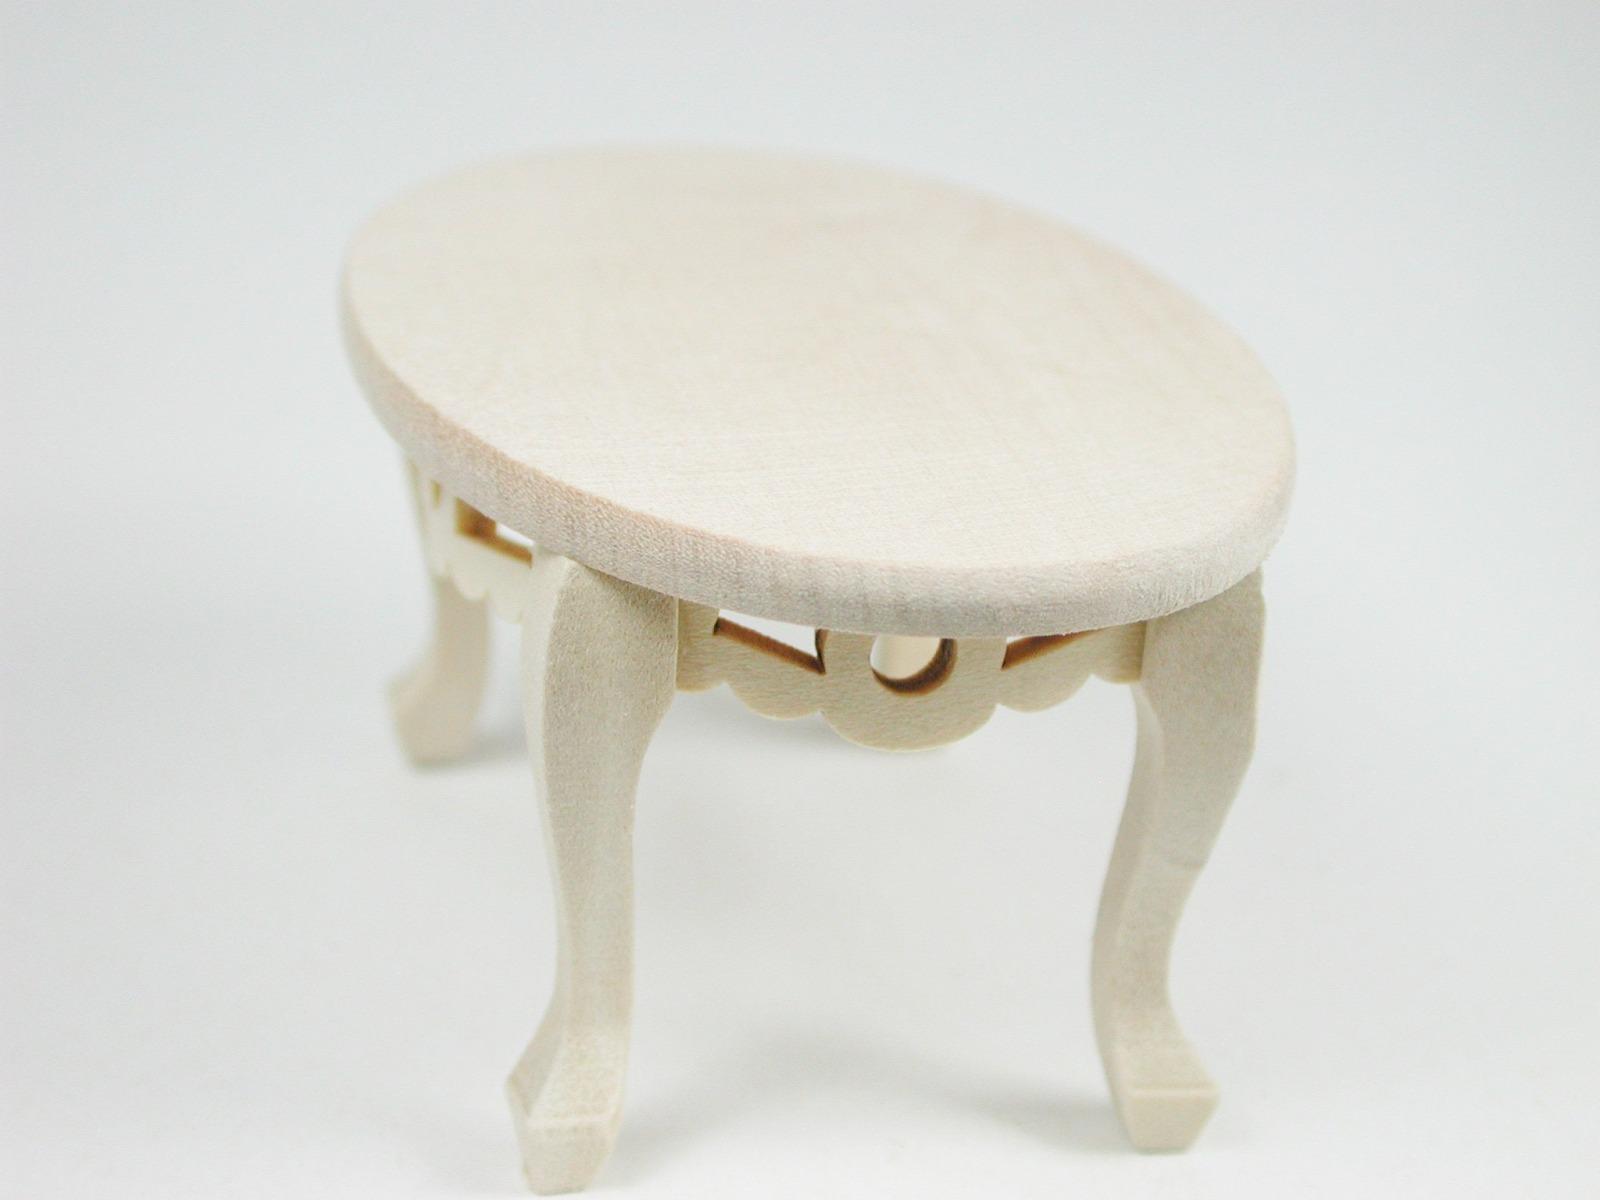 Tisch oval Couchtisch 1:12 Miniatur 5